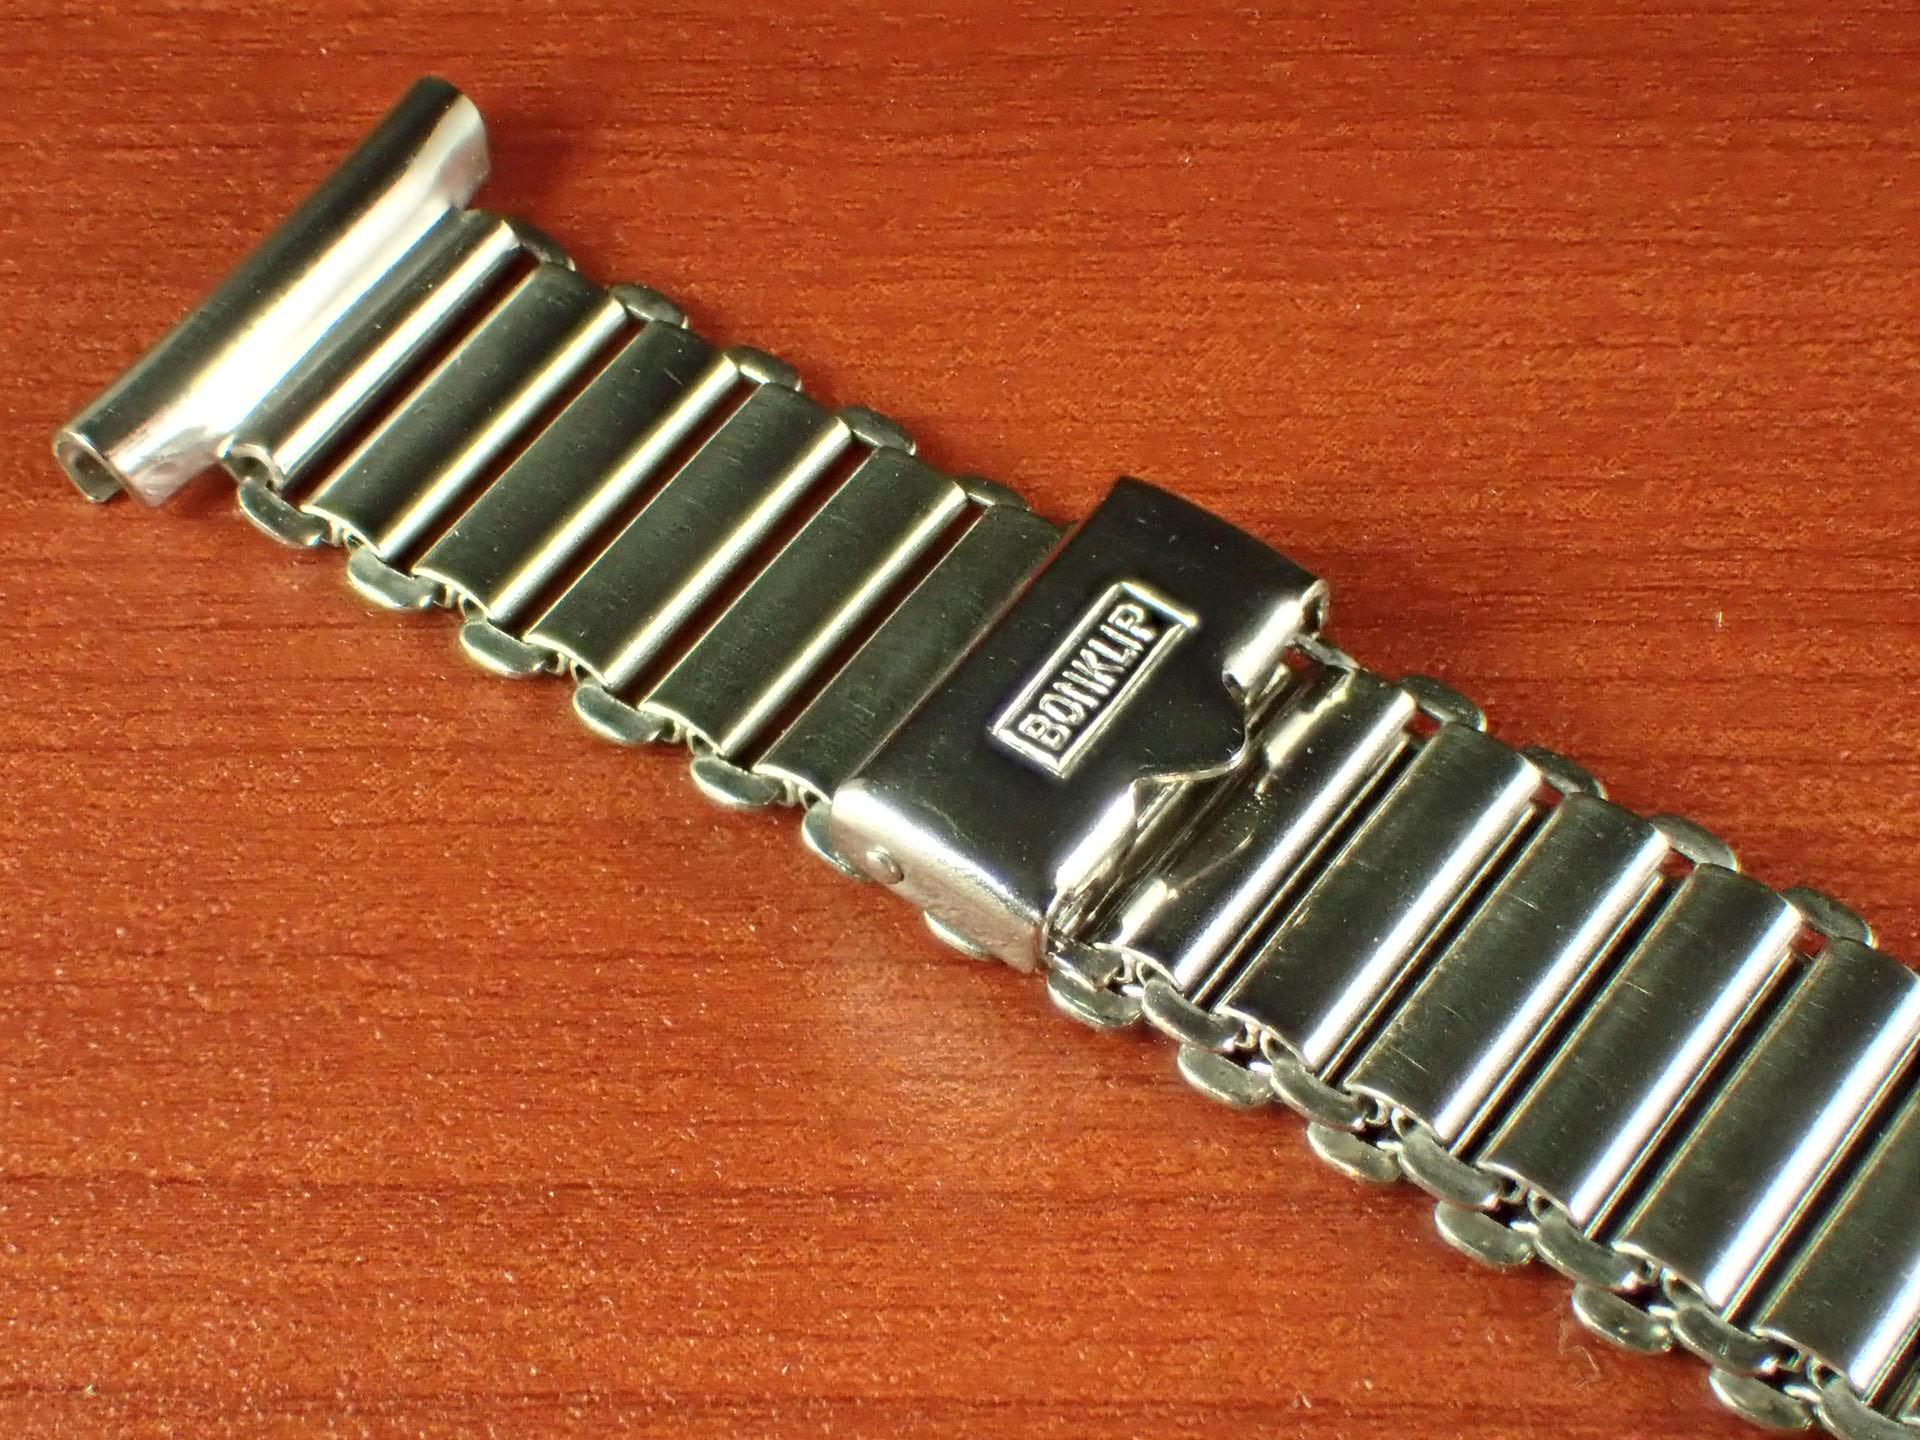 ボンクリップ バンブーブレス NOS リンク13mm 取付16mm Rエンド SS 1940年代の写真2枚目